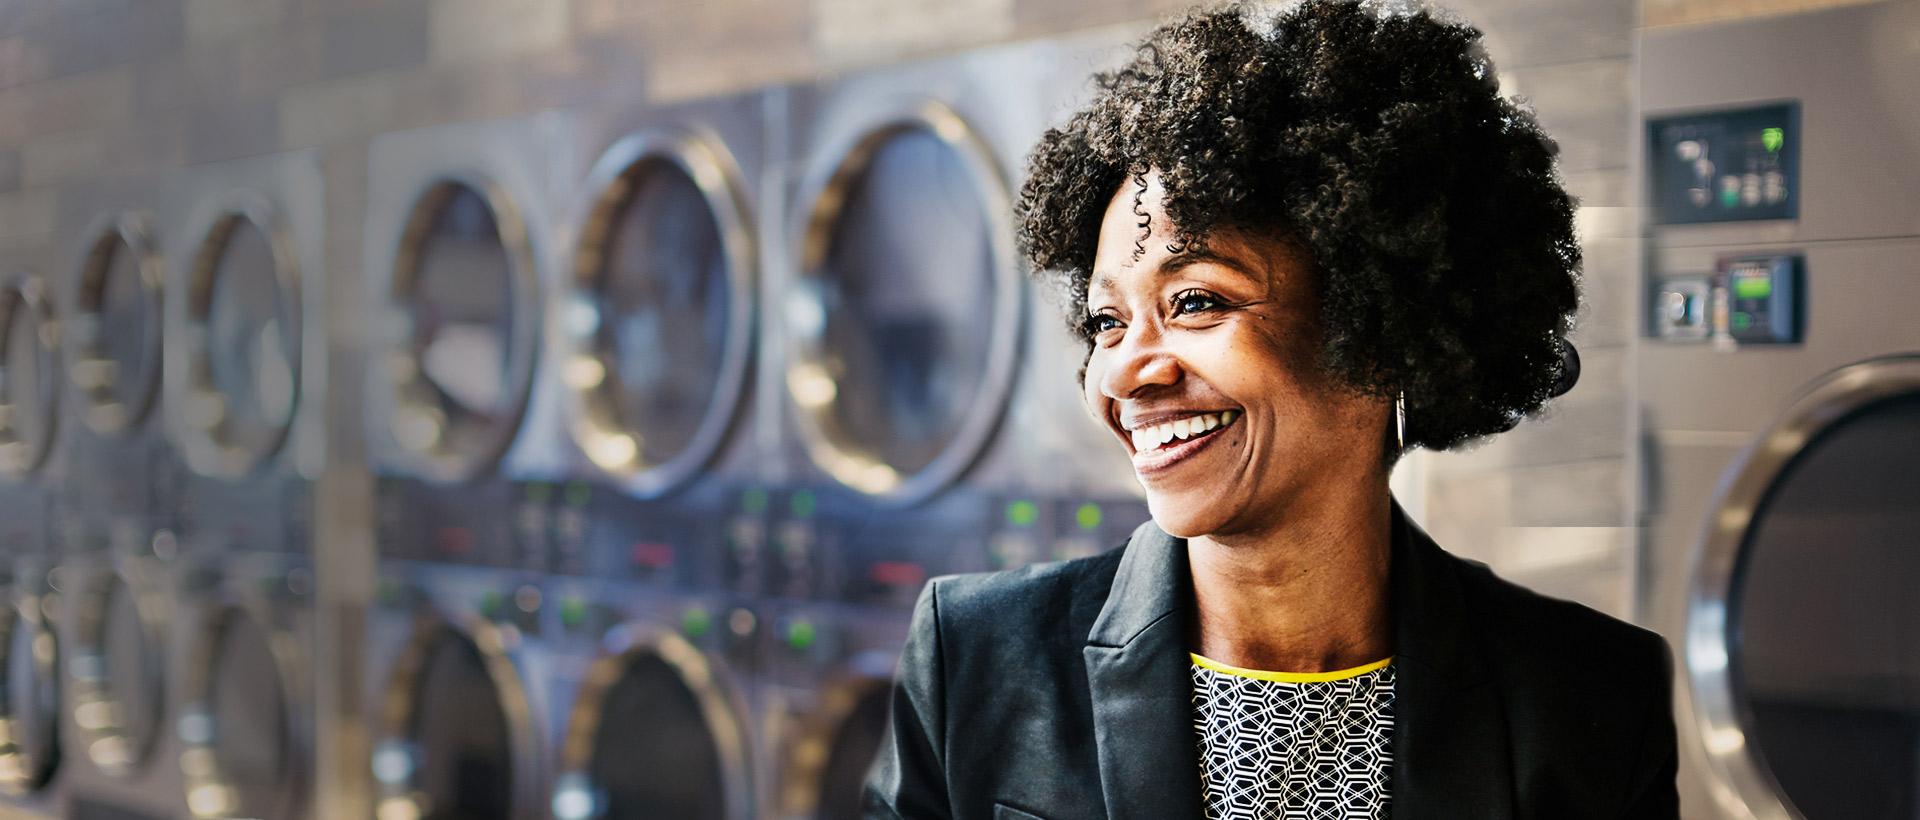 Tại sao đầu tư vào lĩnh vực giặt tự động?